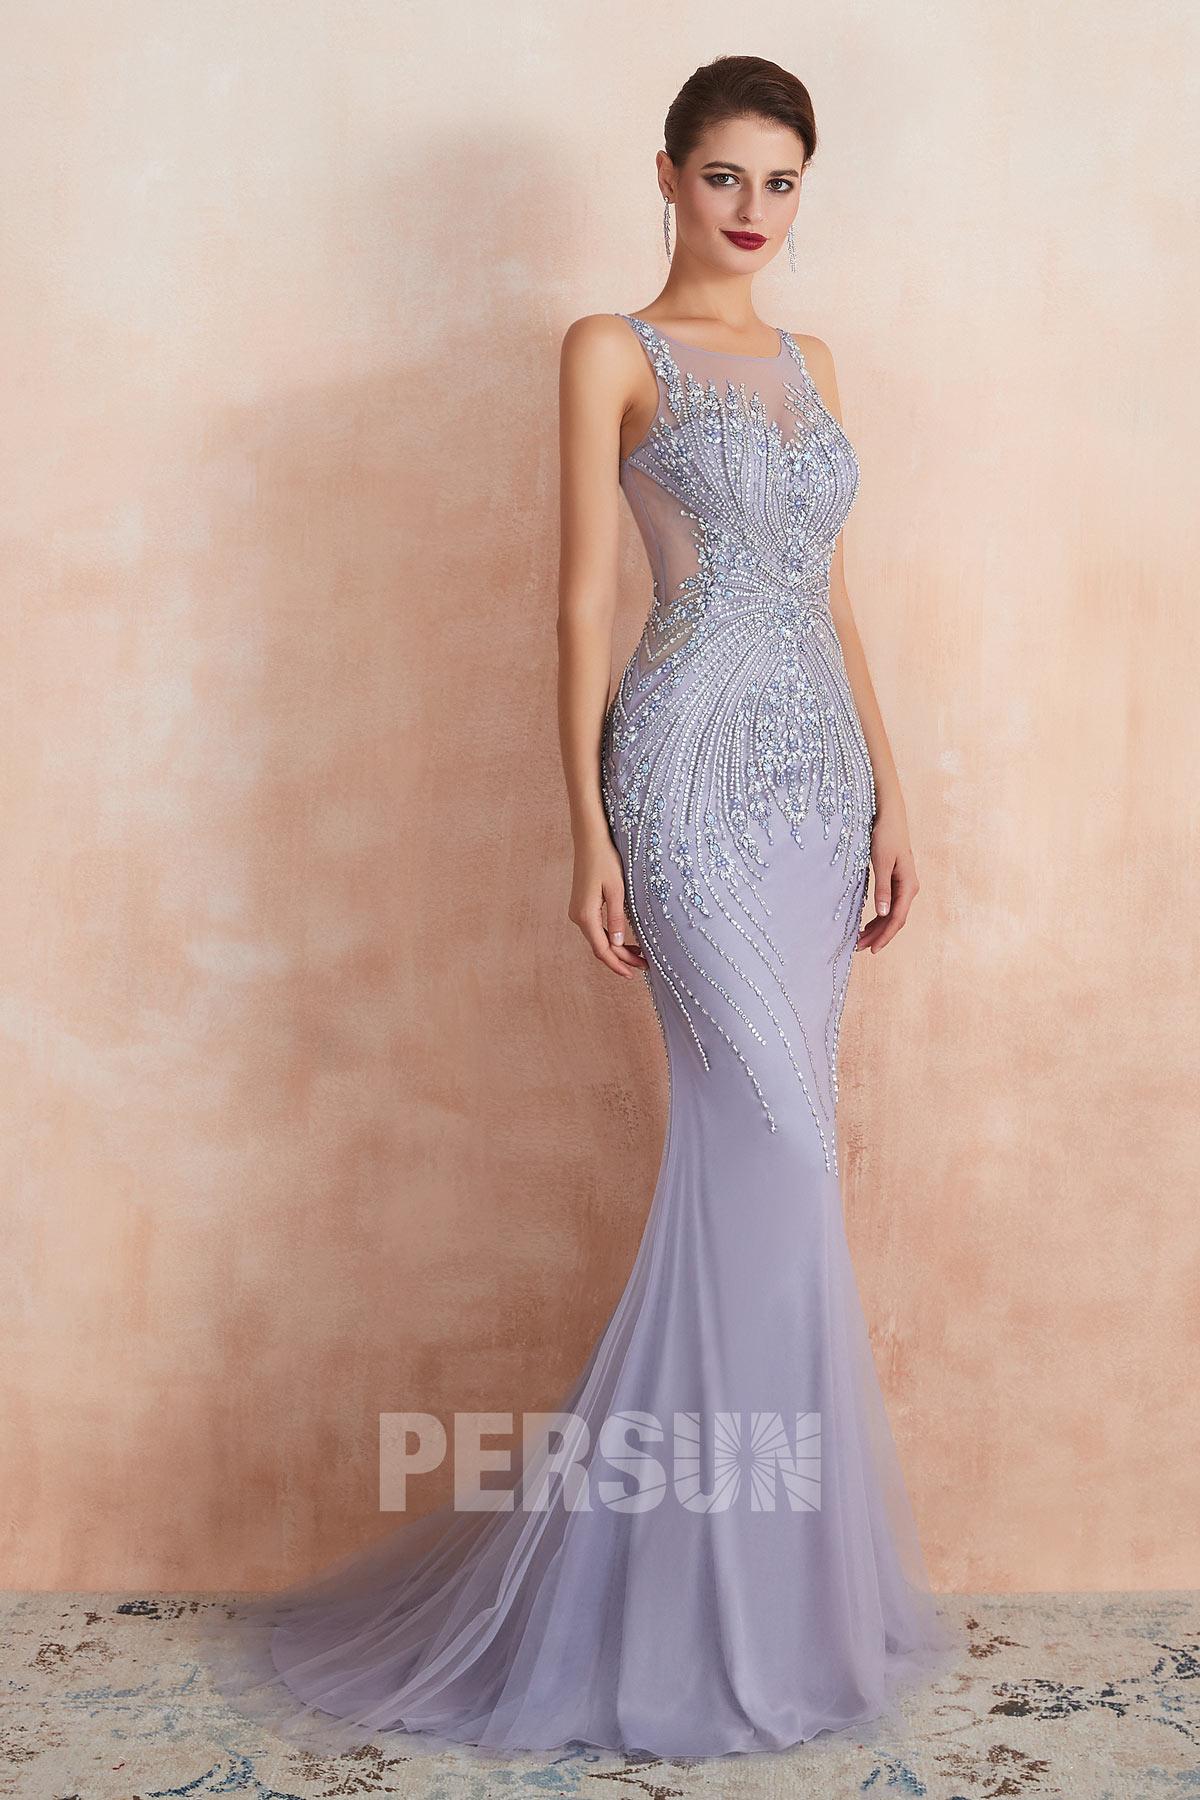 Robe soirée de luxe sirène lavande pâle 2020 brodée de bijoux